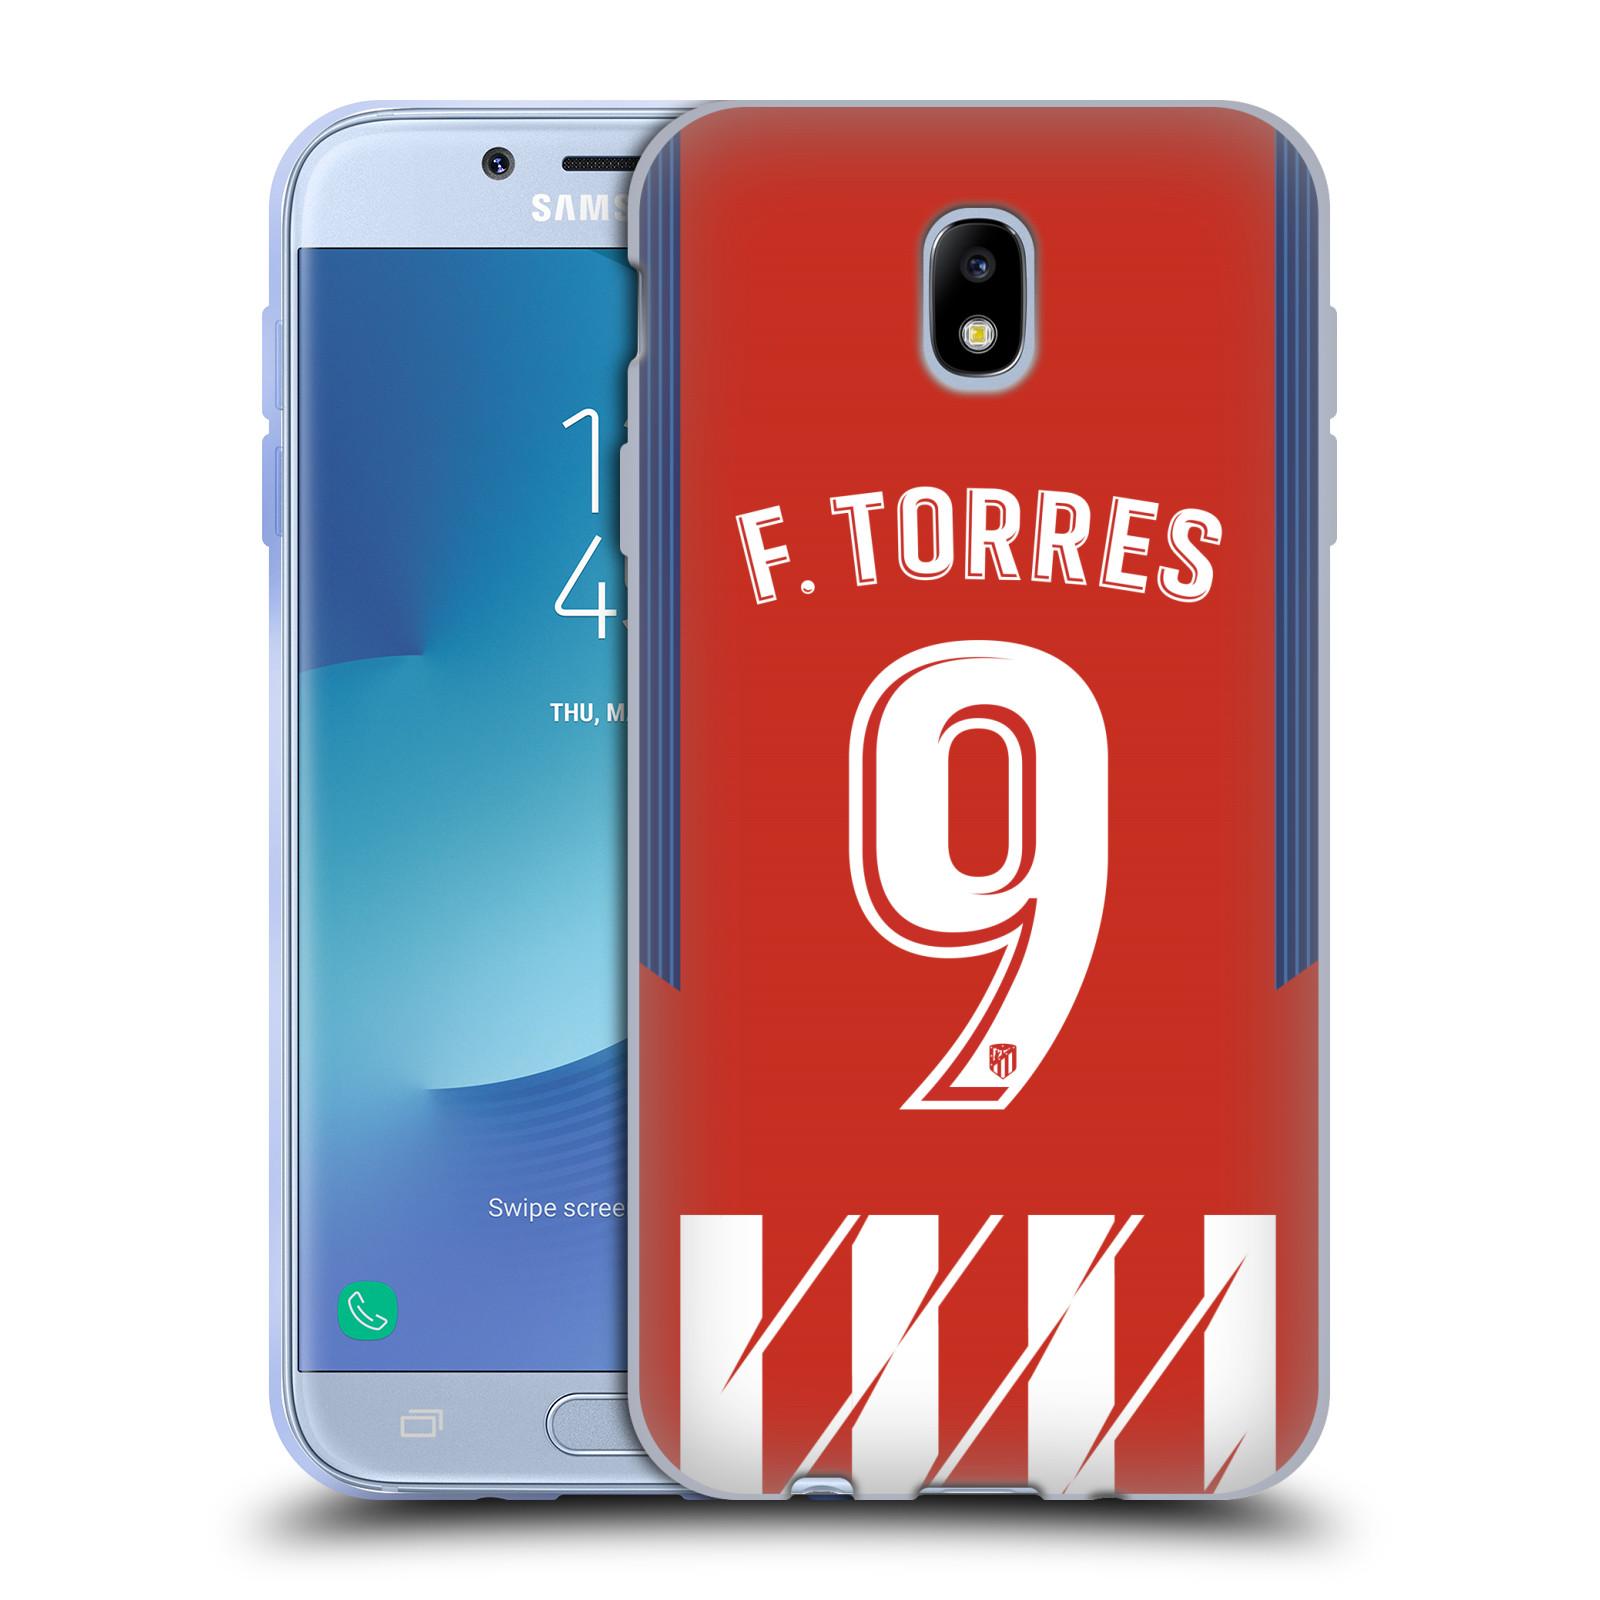 HEAD CASE silikonový obal na mobil Samsung Galaxy J7 2017 Fotbalový klub Atlético Madrid dres Fernando Torres